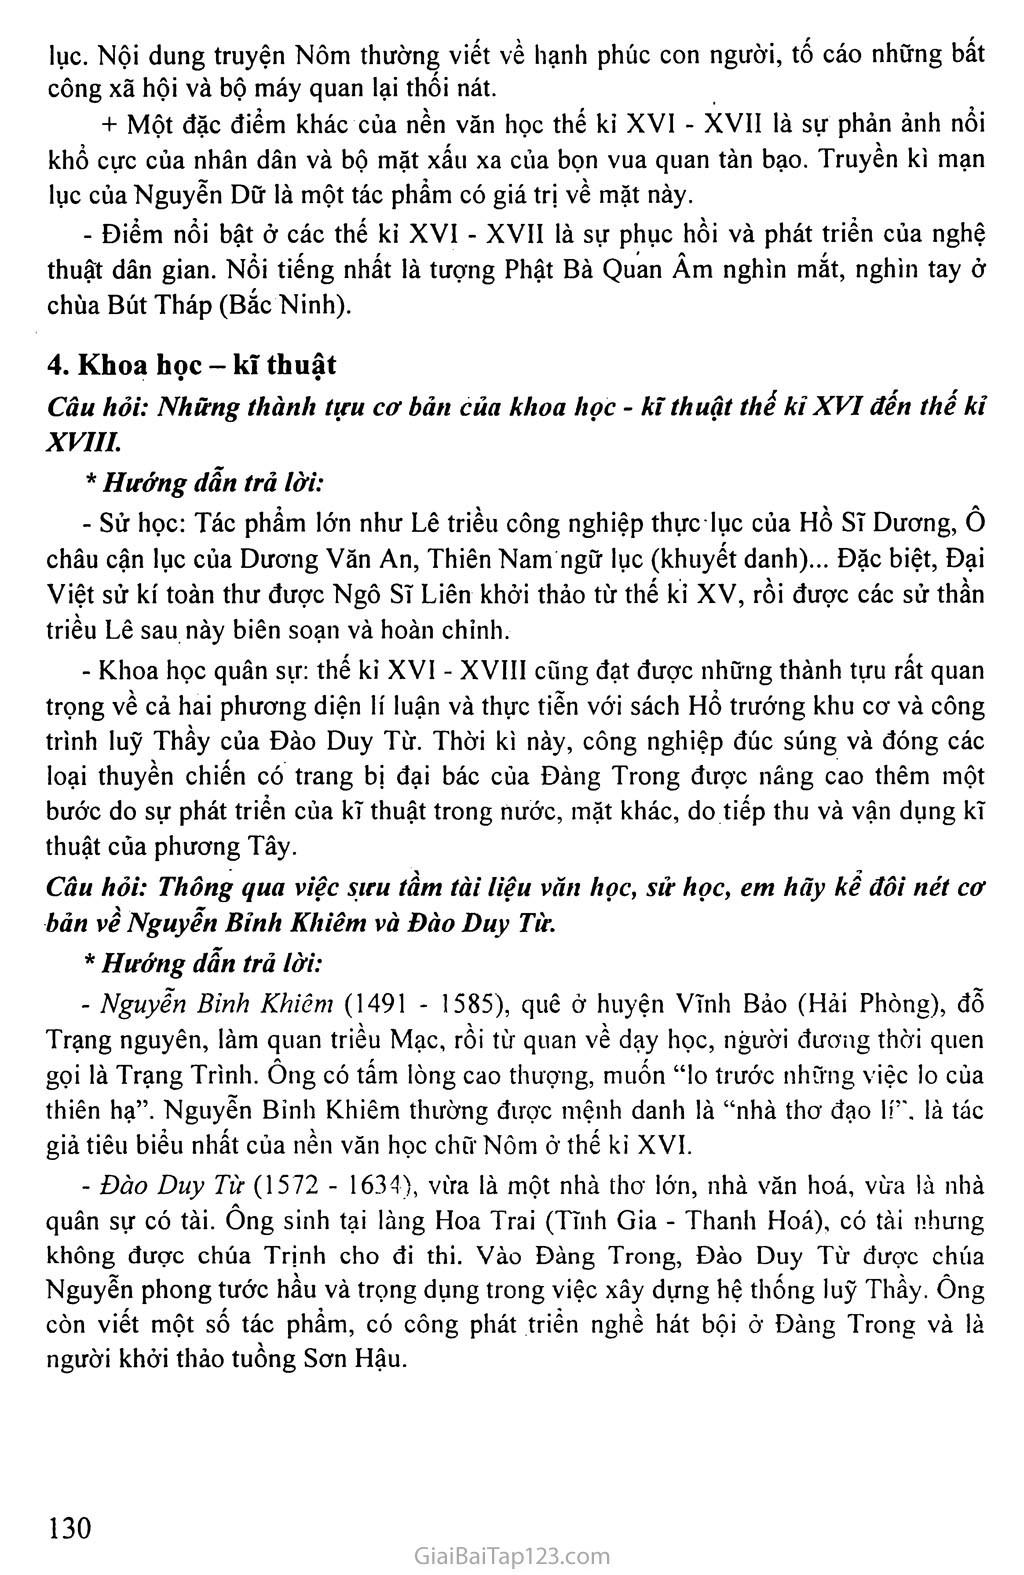 Bài 36: Tình hình văn hóa, tư tưởng thế kỉ XVI - đầu thế kỉ XVIII trang 3